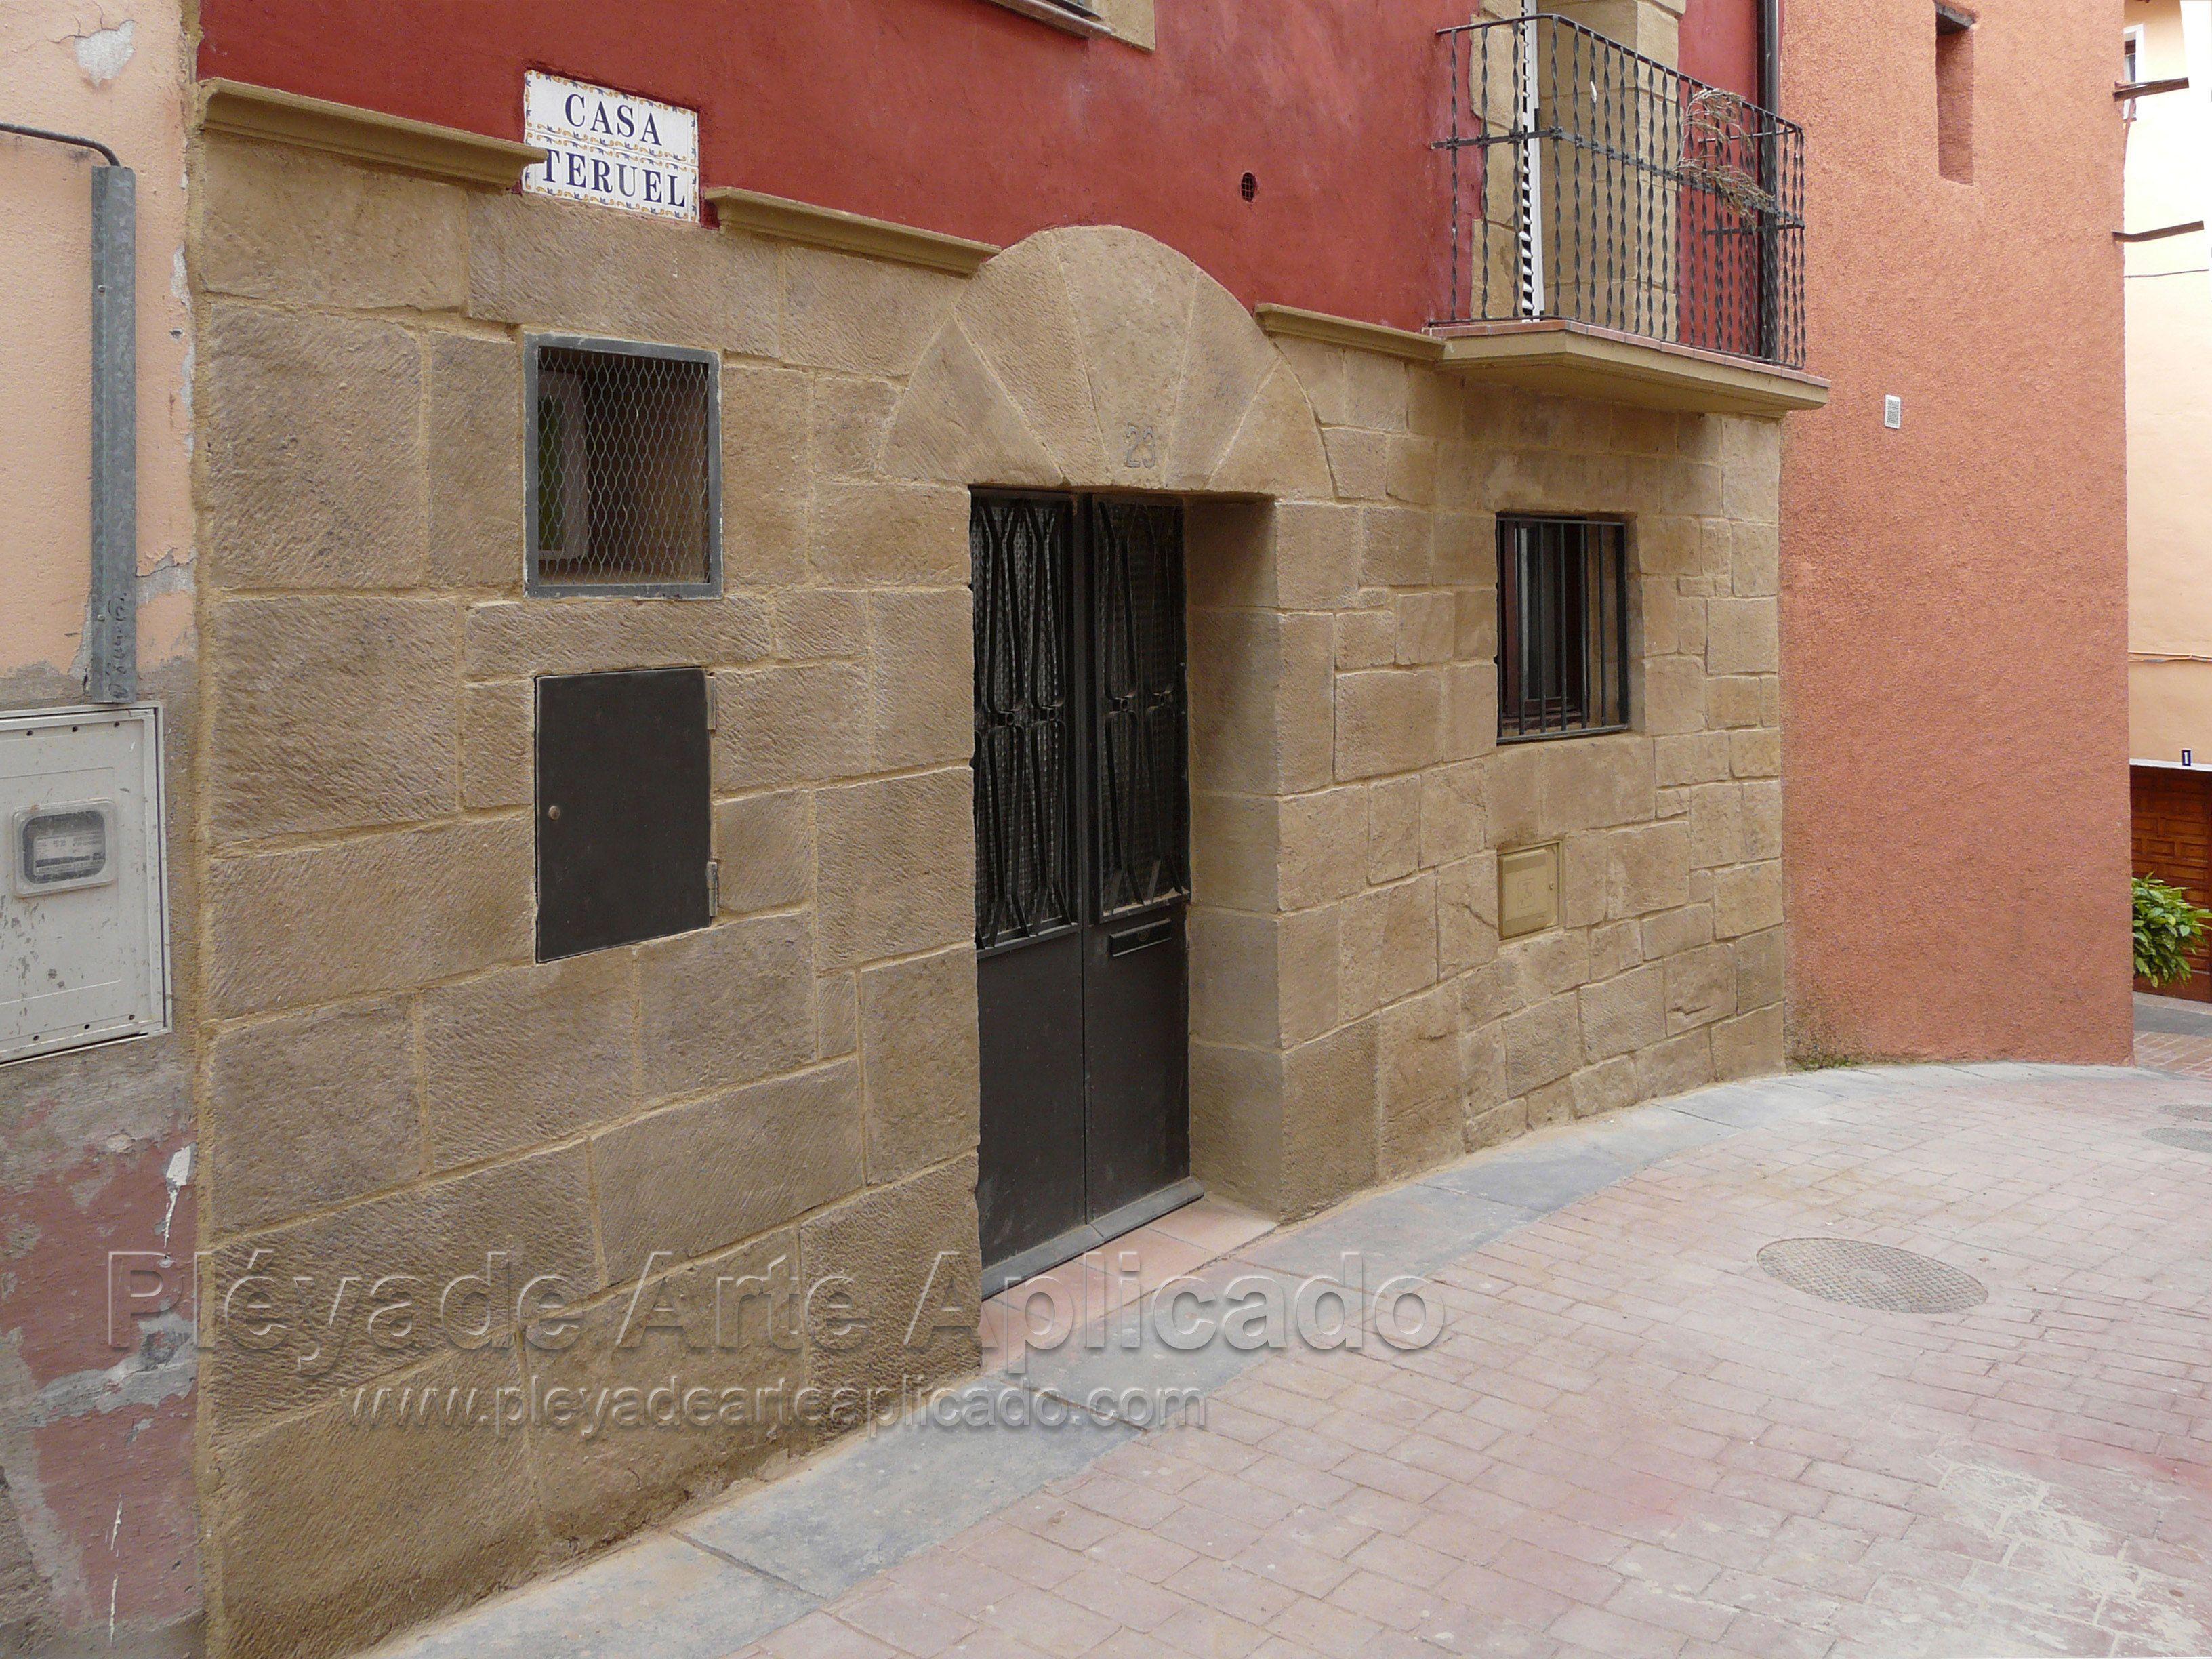 Decoraci n de fachada con piedra artificial y estuco - Piedra artificial para fachadas ...